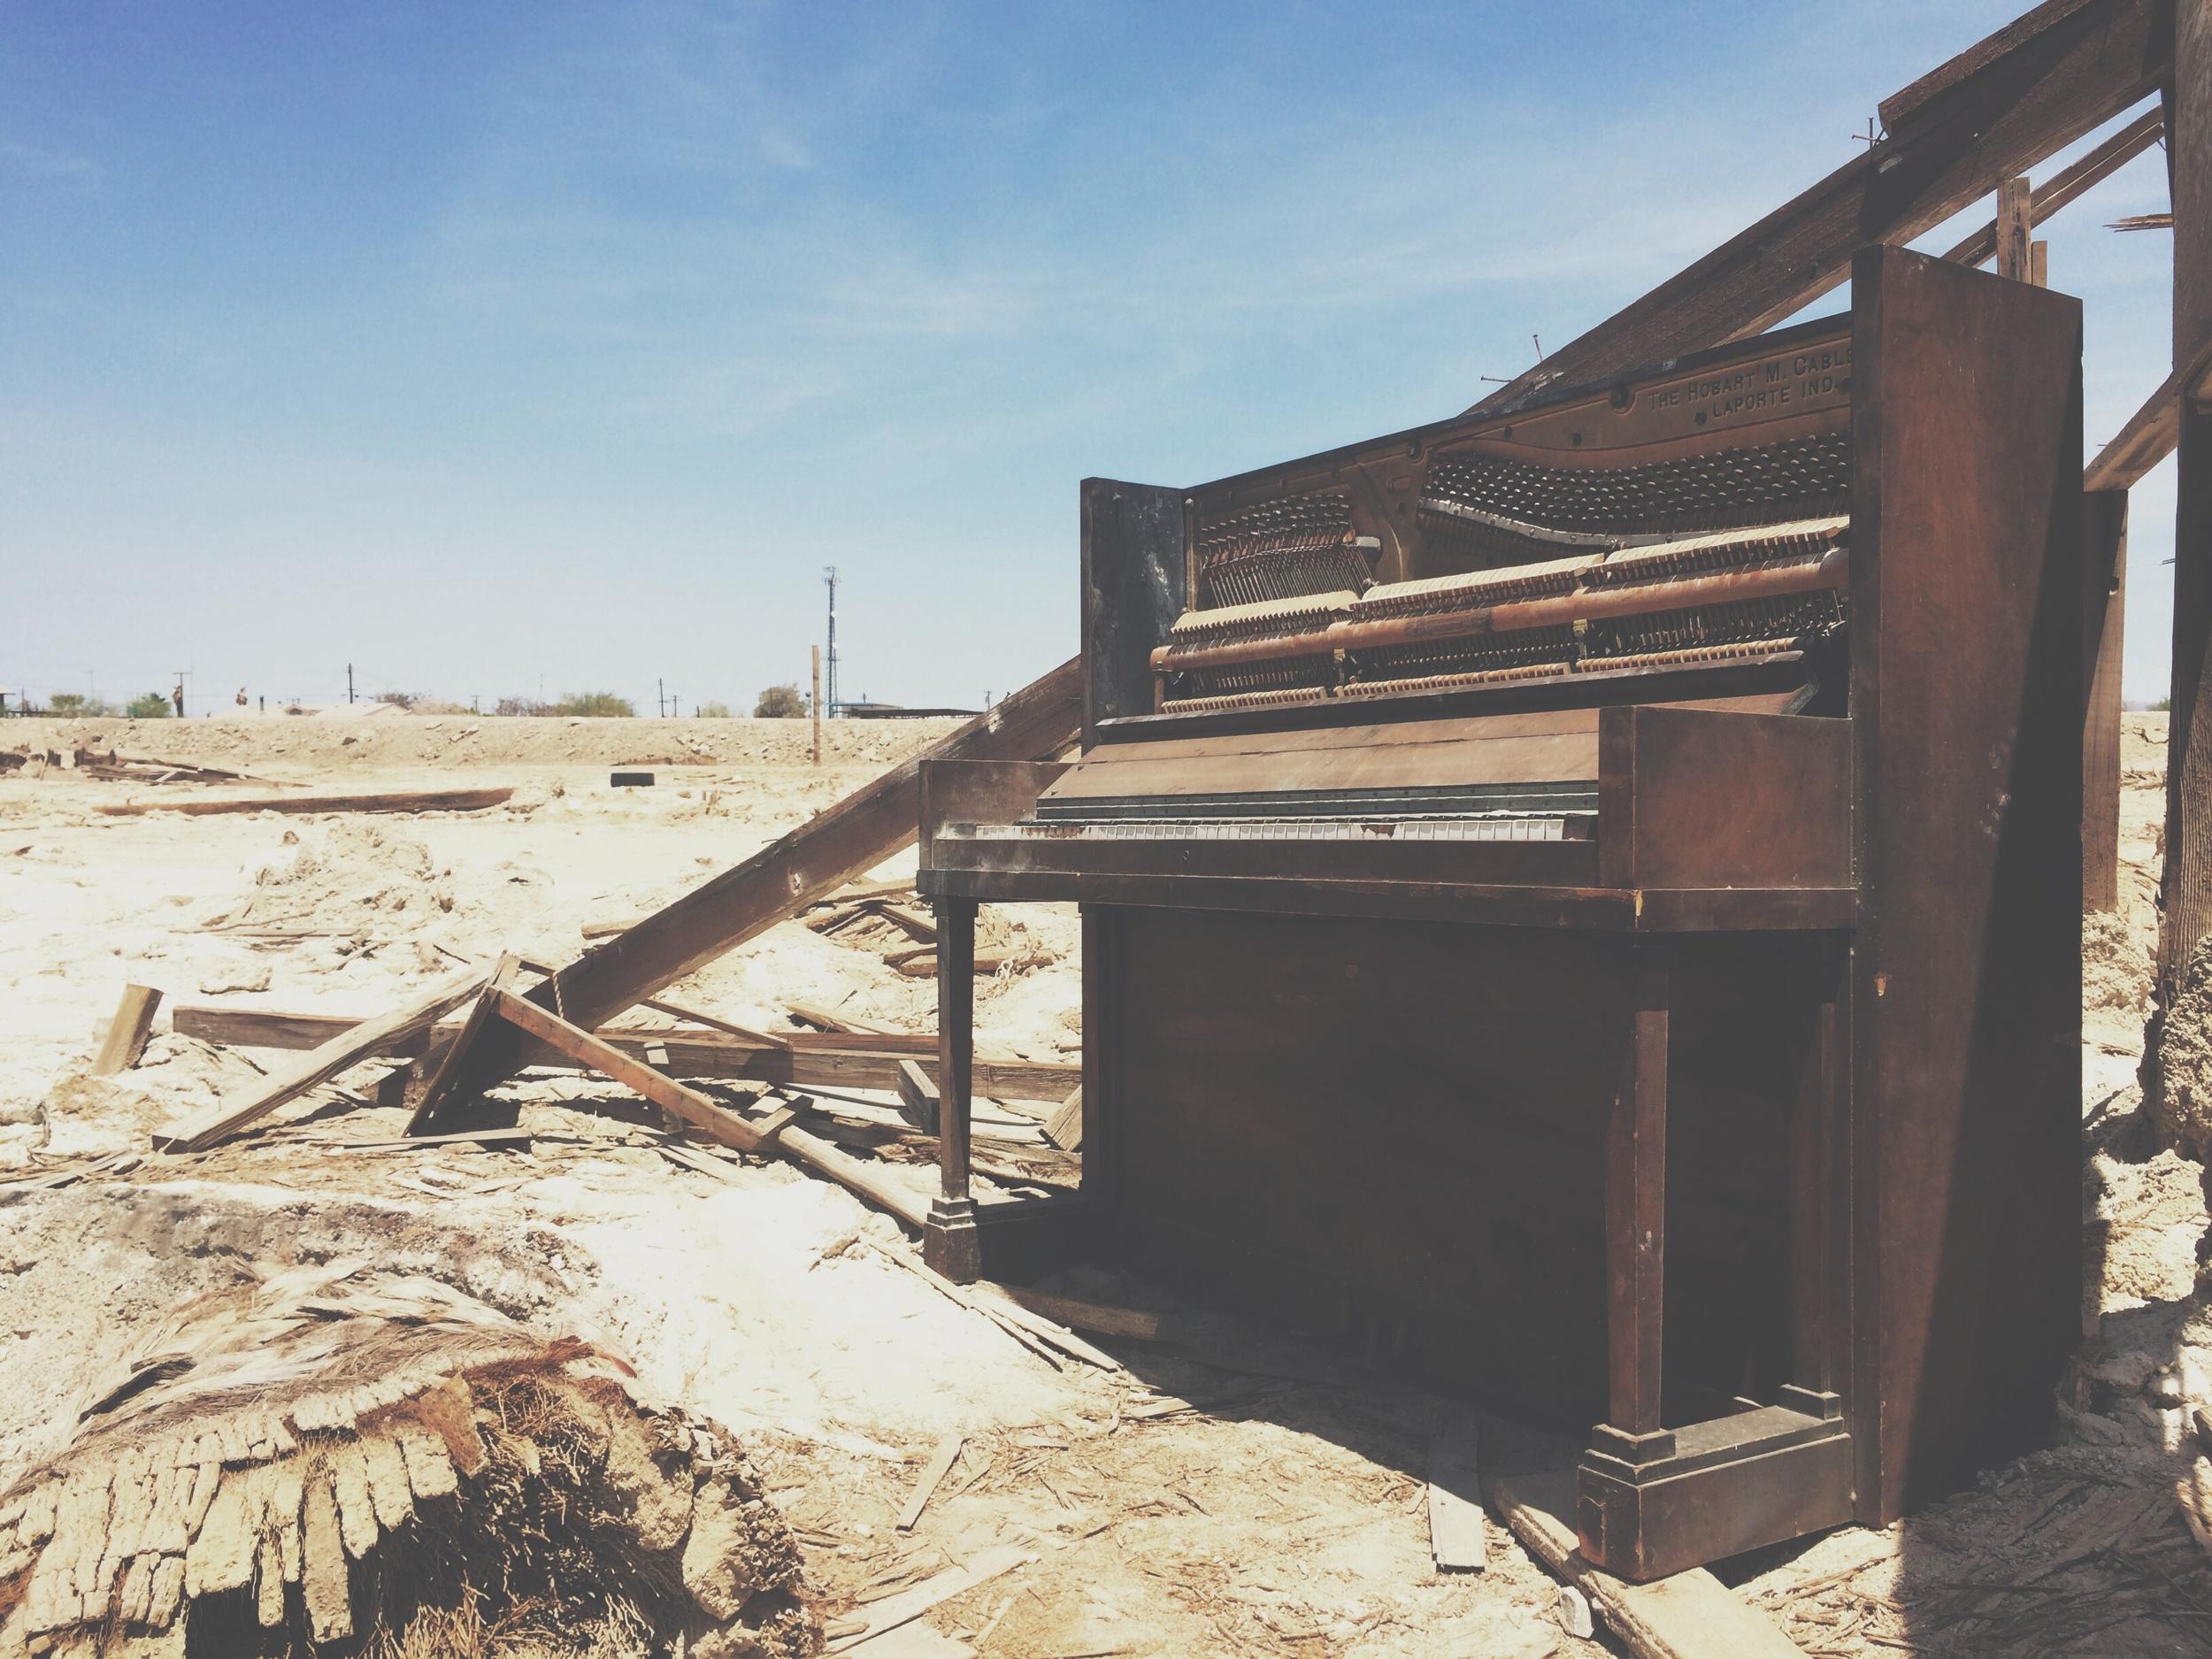 Abandoned piano, Bombay Beach, Salton Sea, CA